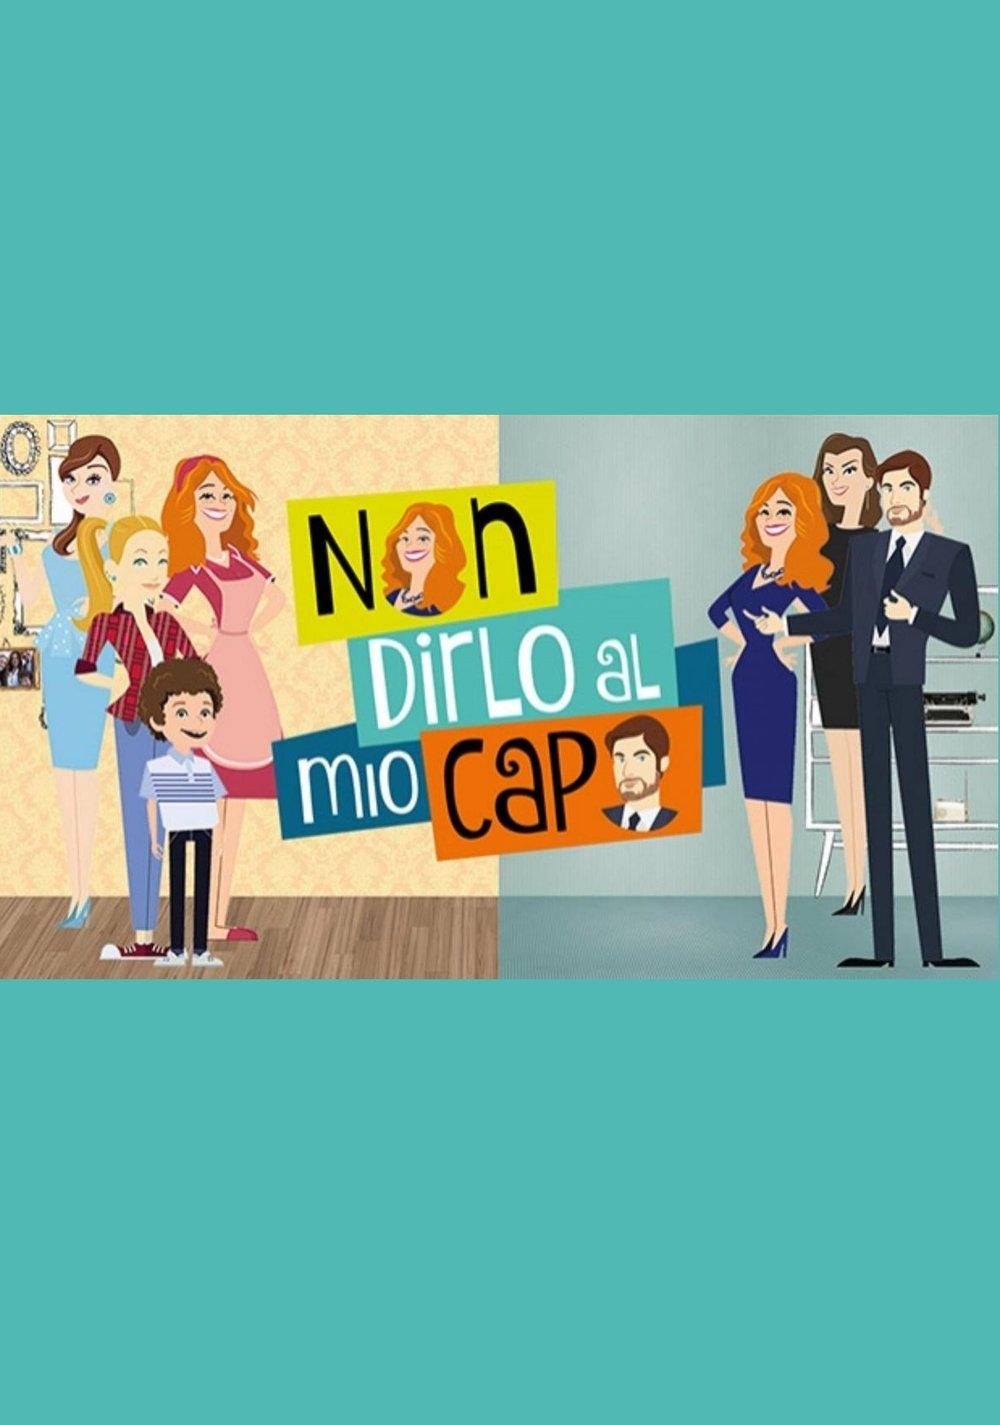 non-dirlo-al-mio-capo-2-dal-13-settembre-su-rai-1-dailymotioncom_2079927.jpg